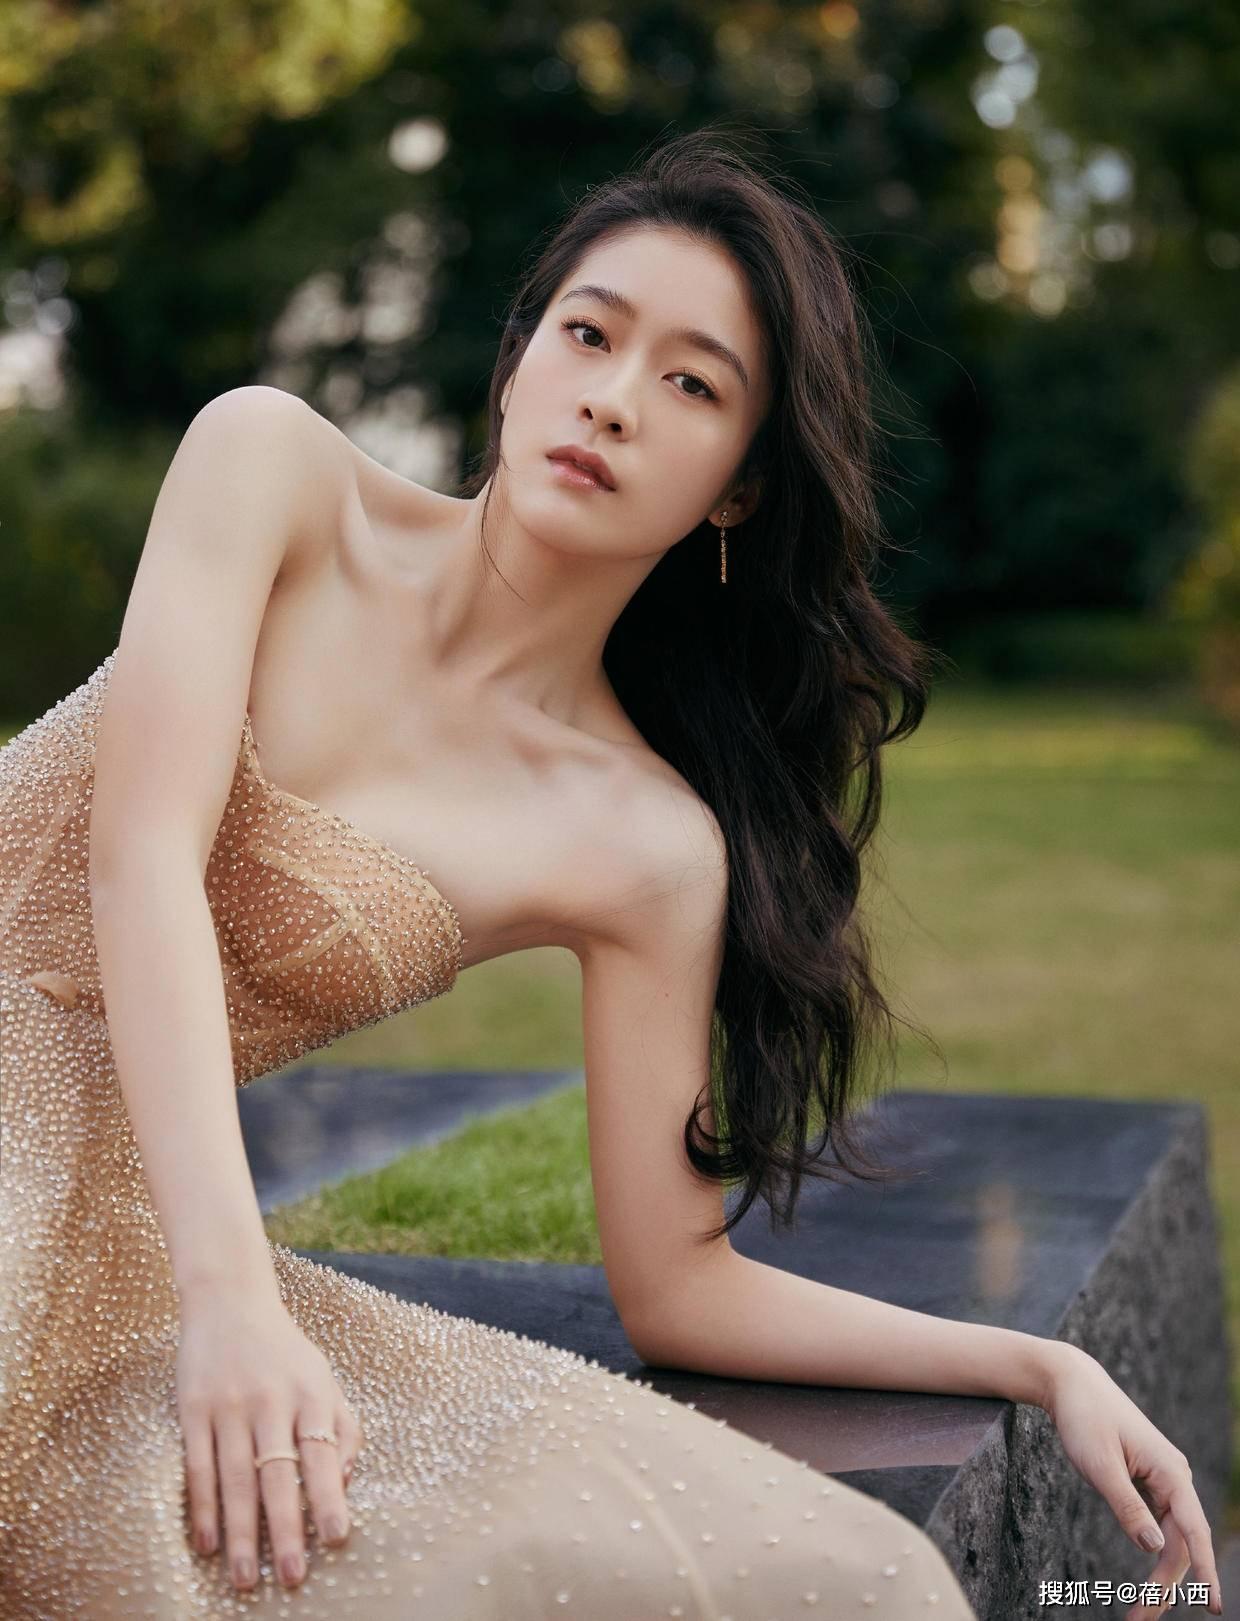 """原创             张雪迎这么瘦也有""""尤物身材"""",穿裸色抹胸裙气质惊艳,惹人羡慕"""